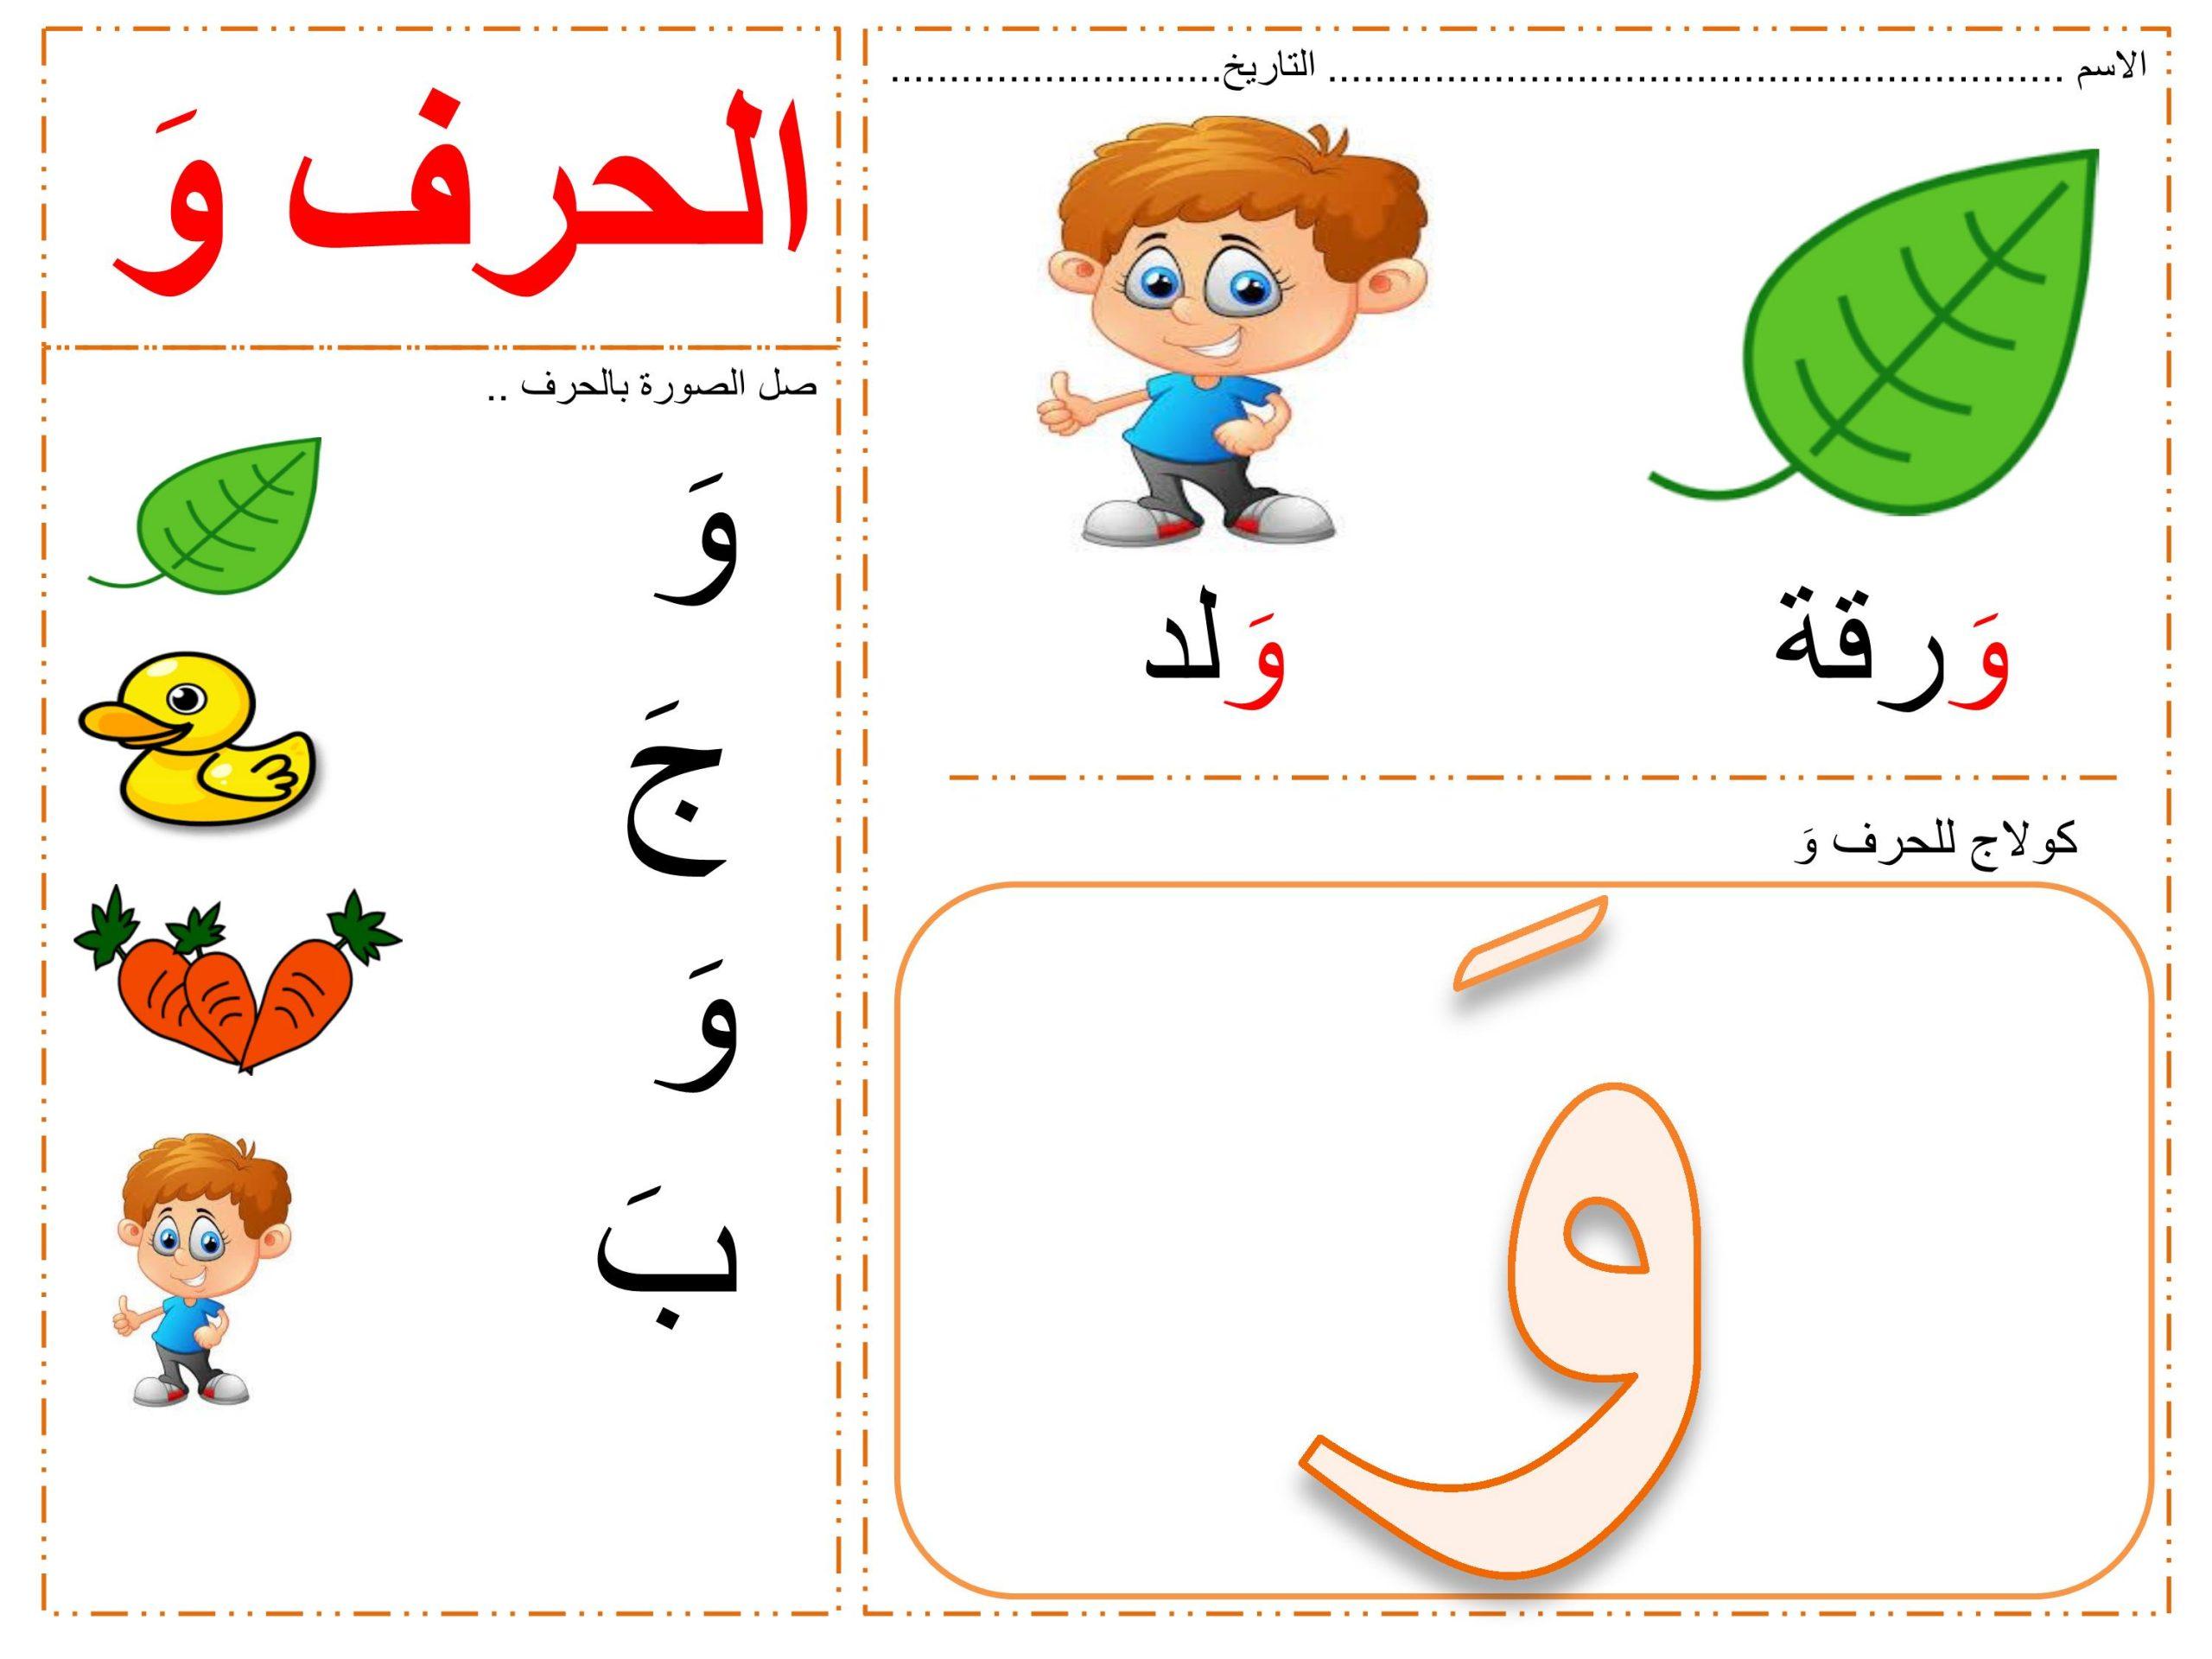 تعليم الأطفال حرف الواو